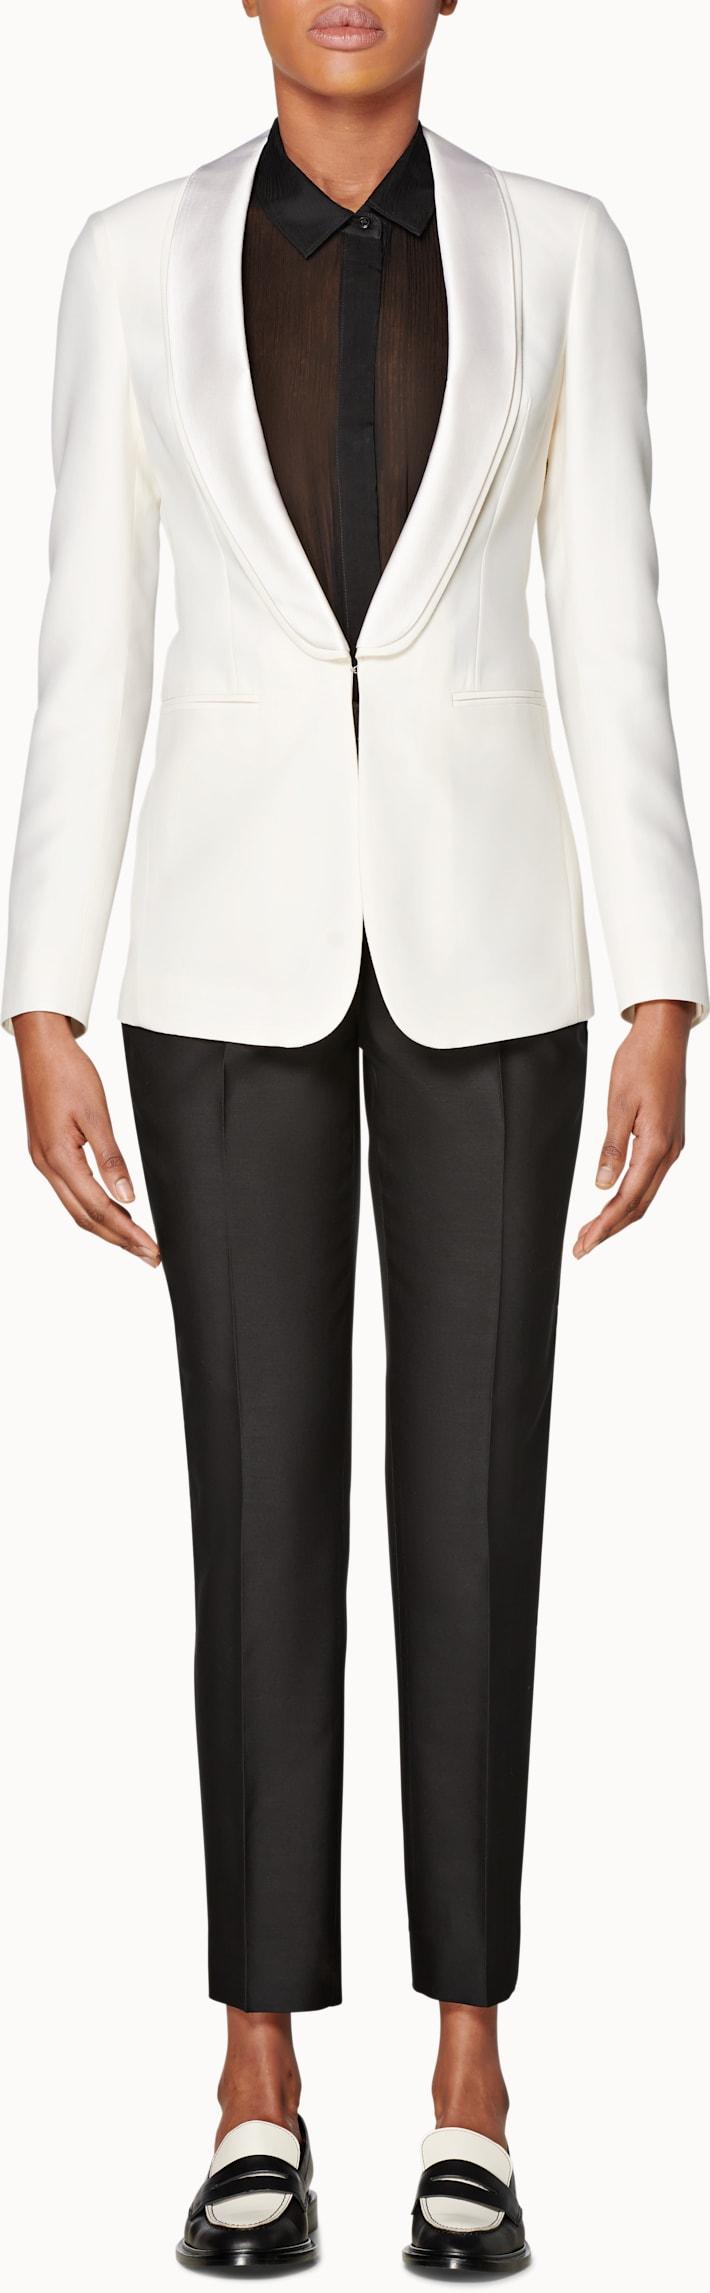 Cameron White Double Shawl Tuxedo